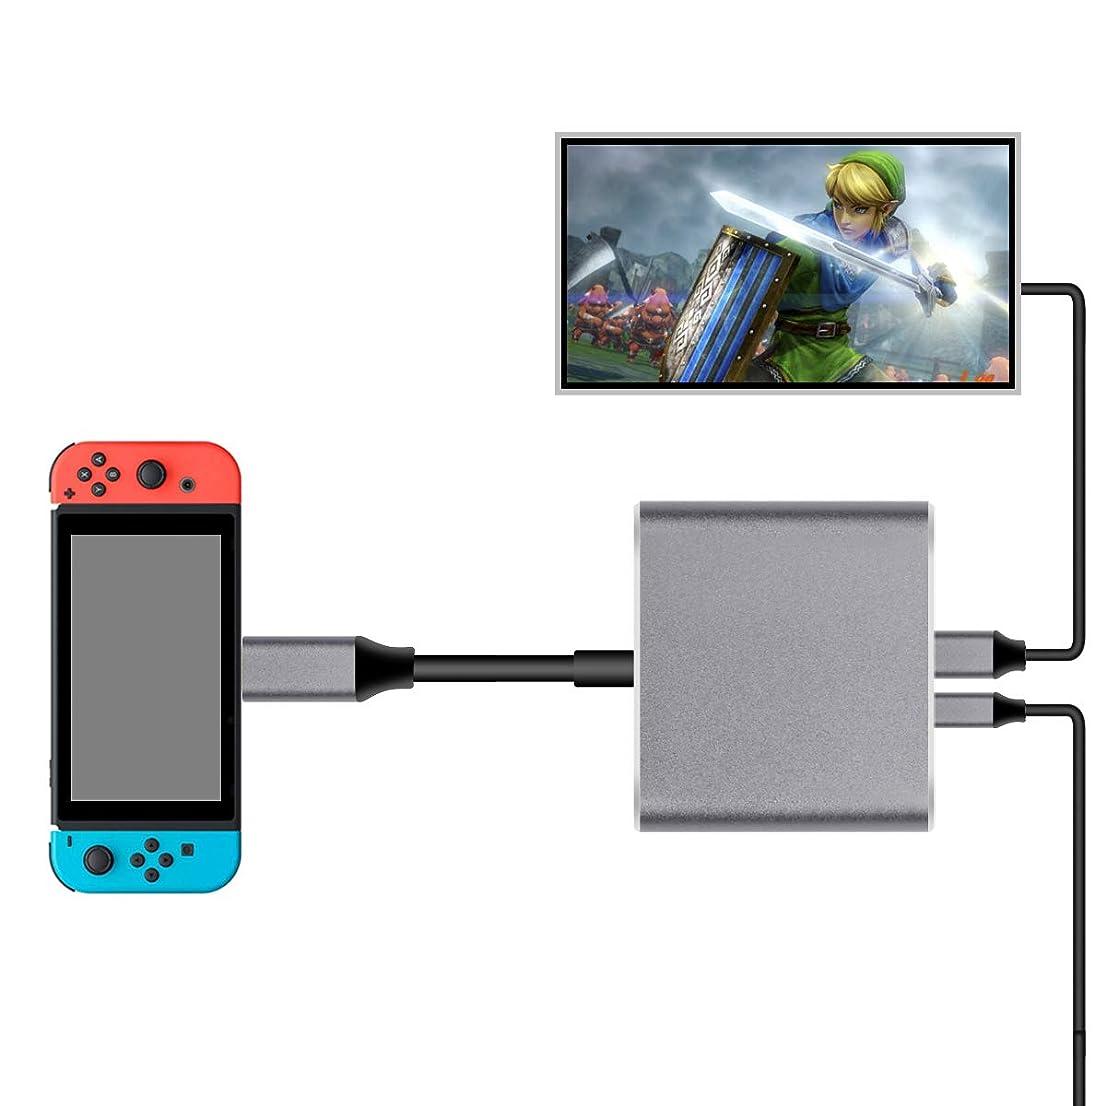 賃金カート倒産Nintendo Switch Type-C to HDMI変換アダプタ 3in1 ニンテンドー スイッチドック 代わり品 熱対策 映像変換 4K解像度 スイッチ ドックセット HDMI変換アダプタ Macbook Chromebook Android適用